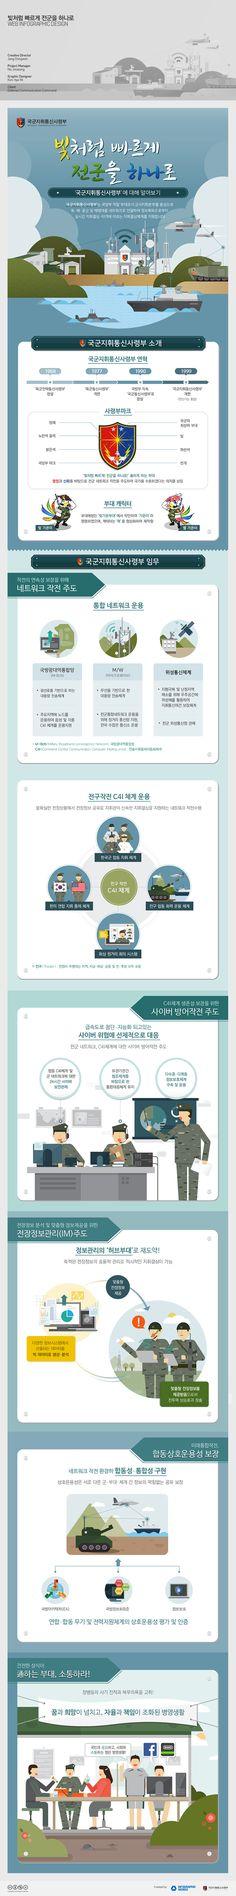 [Infographic] 국군지휘통신사령부에 관한 인포그래픽